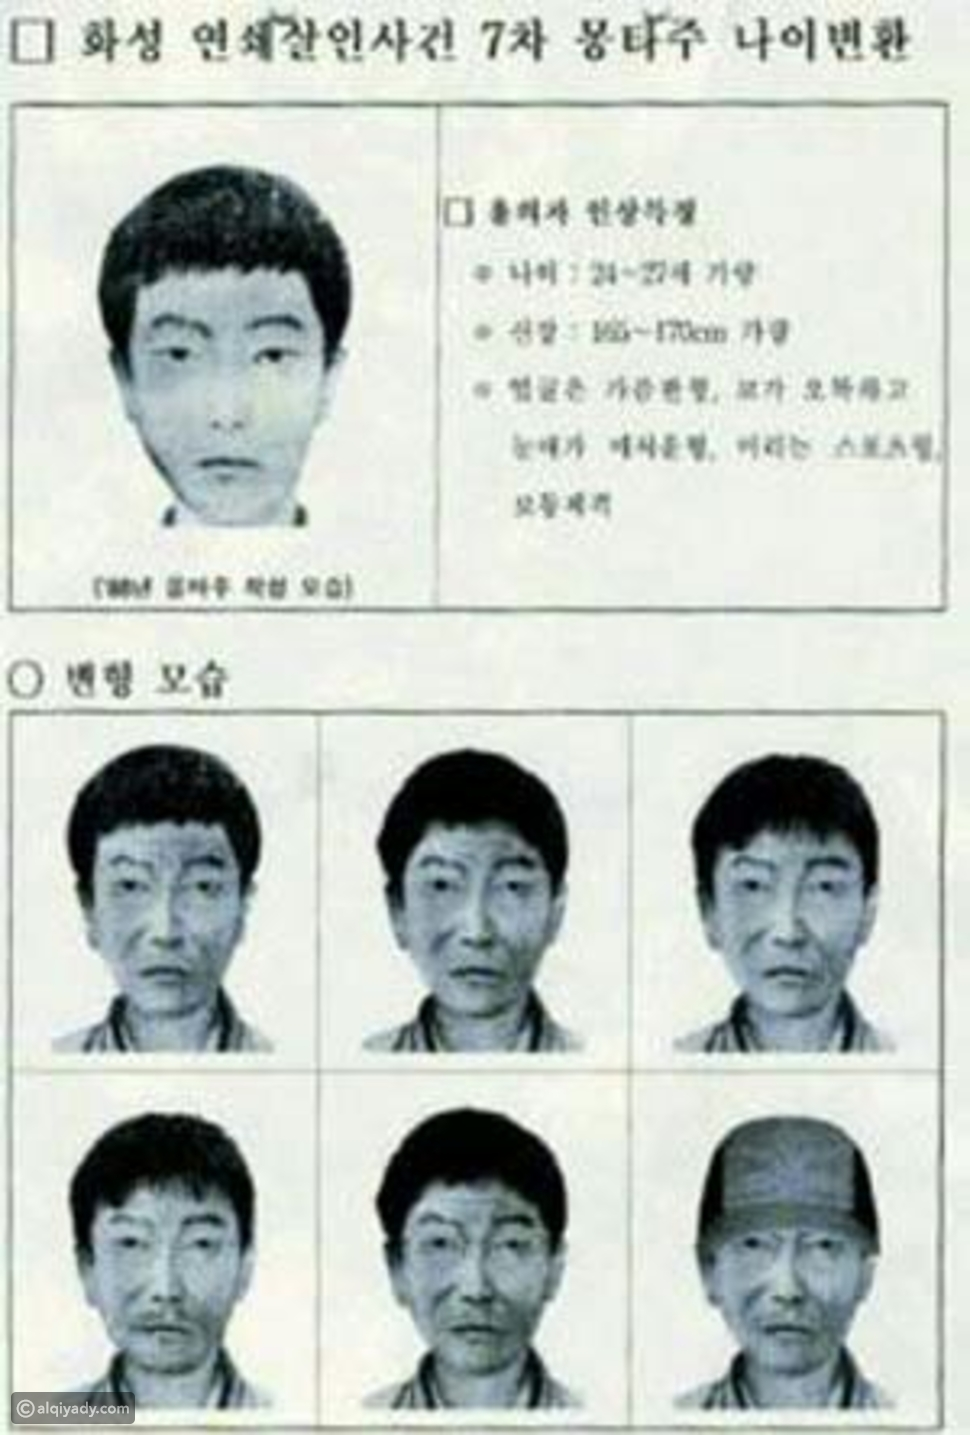 بعد غموض 30 عام كوريا الجنوبية تقبض على أسوأ قاتل في تاريخها